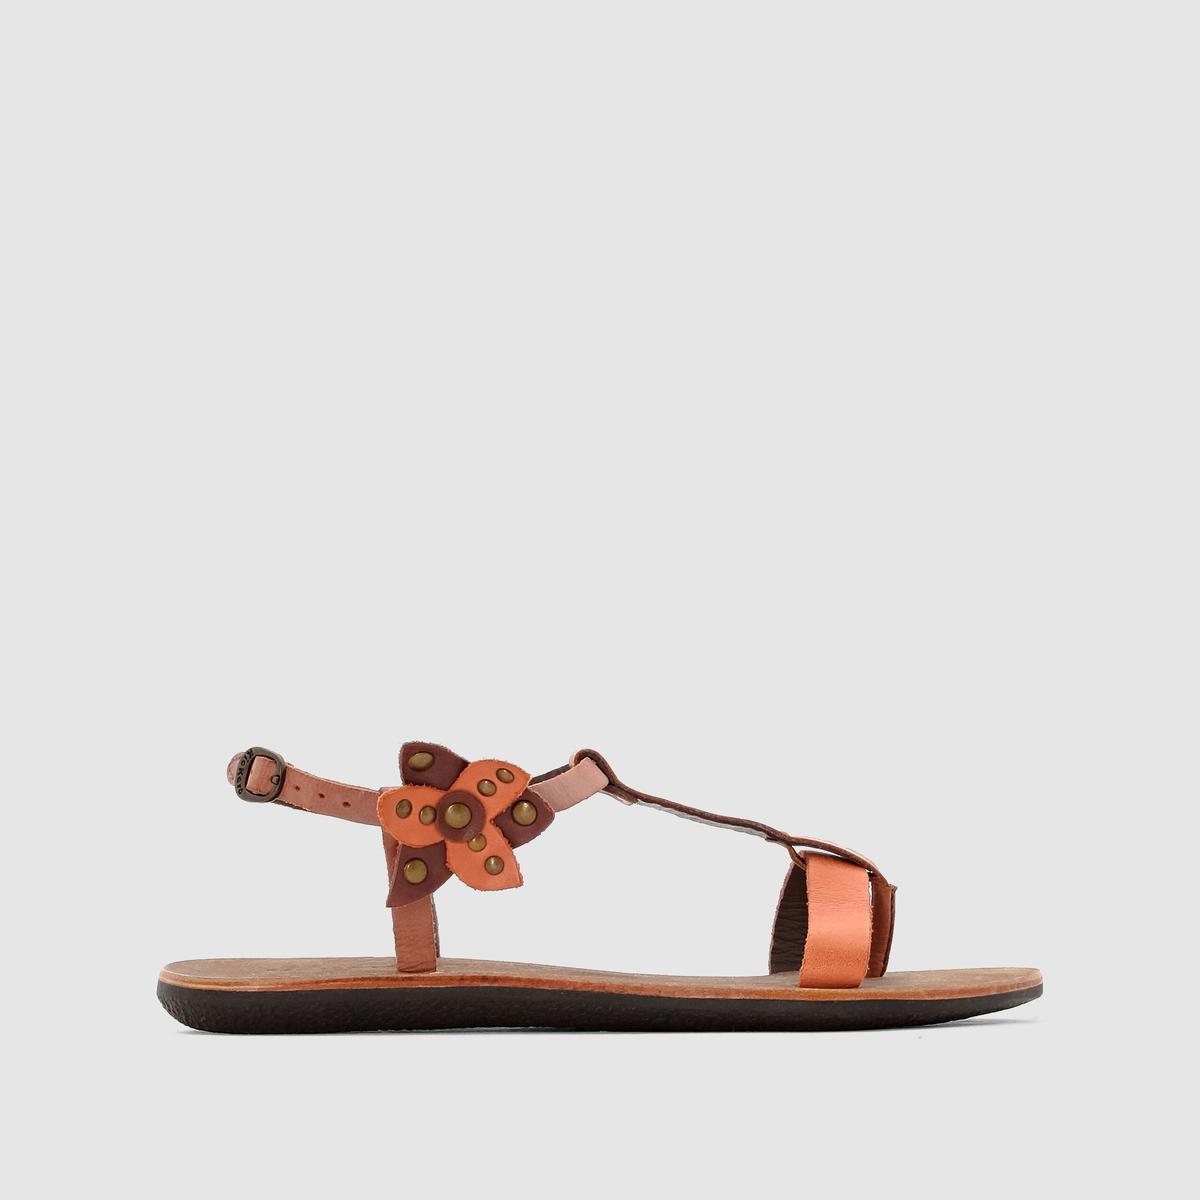 Сандалии кожаные на низком каблуке SpartflowerСандалии на низком каблуке  KICKERS, модель Spartflower. Верх: 100% кожи.Подкладка: 100% кожи.Стелька: 100% кожи.Подошва: 100% каучука.Застежка: ремешок с пряжкой на щиколотке.Высота каблука: 6 см.Высота каблука: 1,5 см.Минималистичный дизайн и декорированный кожаным цветком ремешок... Очаровательные и удобные кожаные сандалии, которые будут органично дополнять ваш летний гардероб!<br><br>Цвет: каштановый / оранжевый,черный/ синий<br>Размер: 39.36